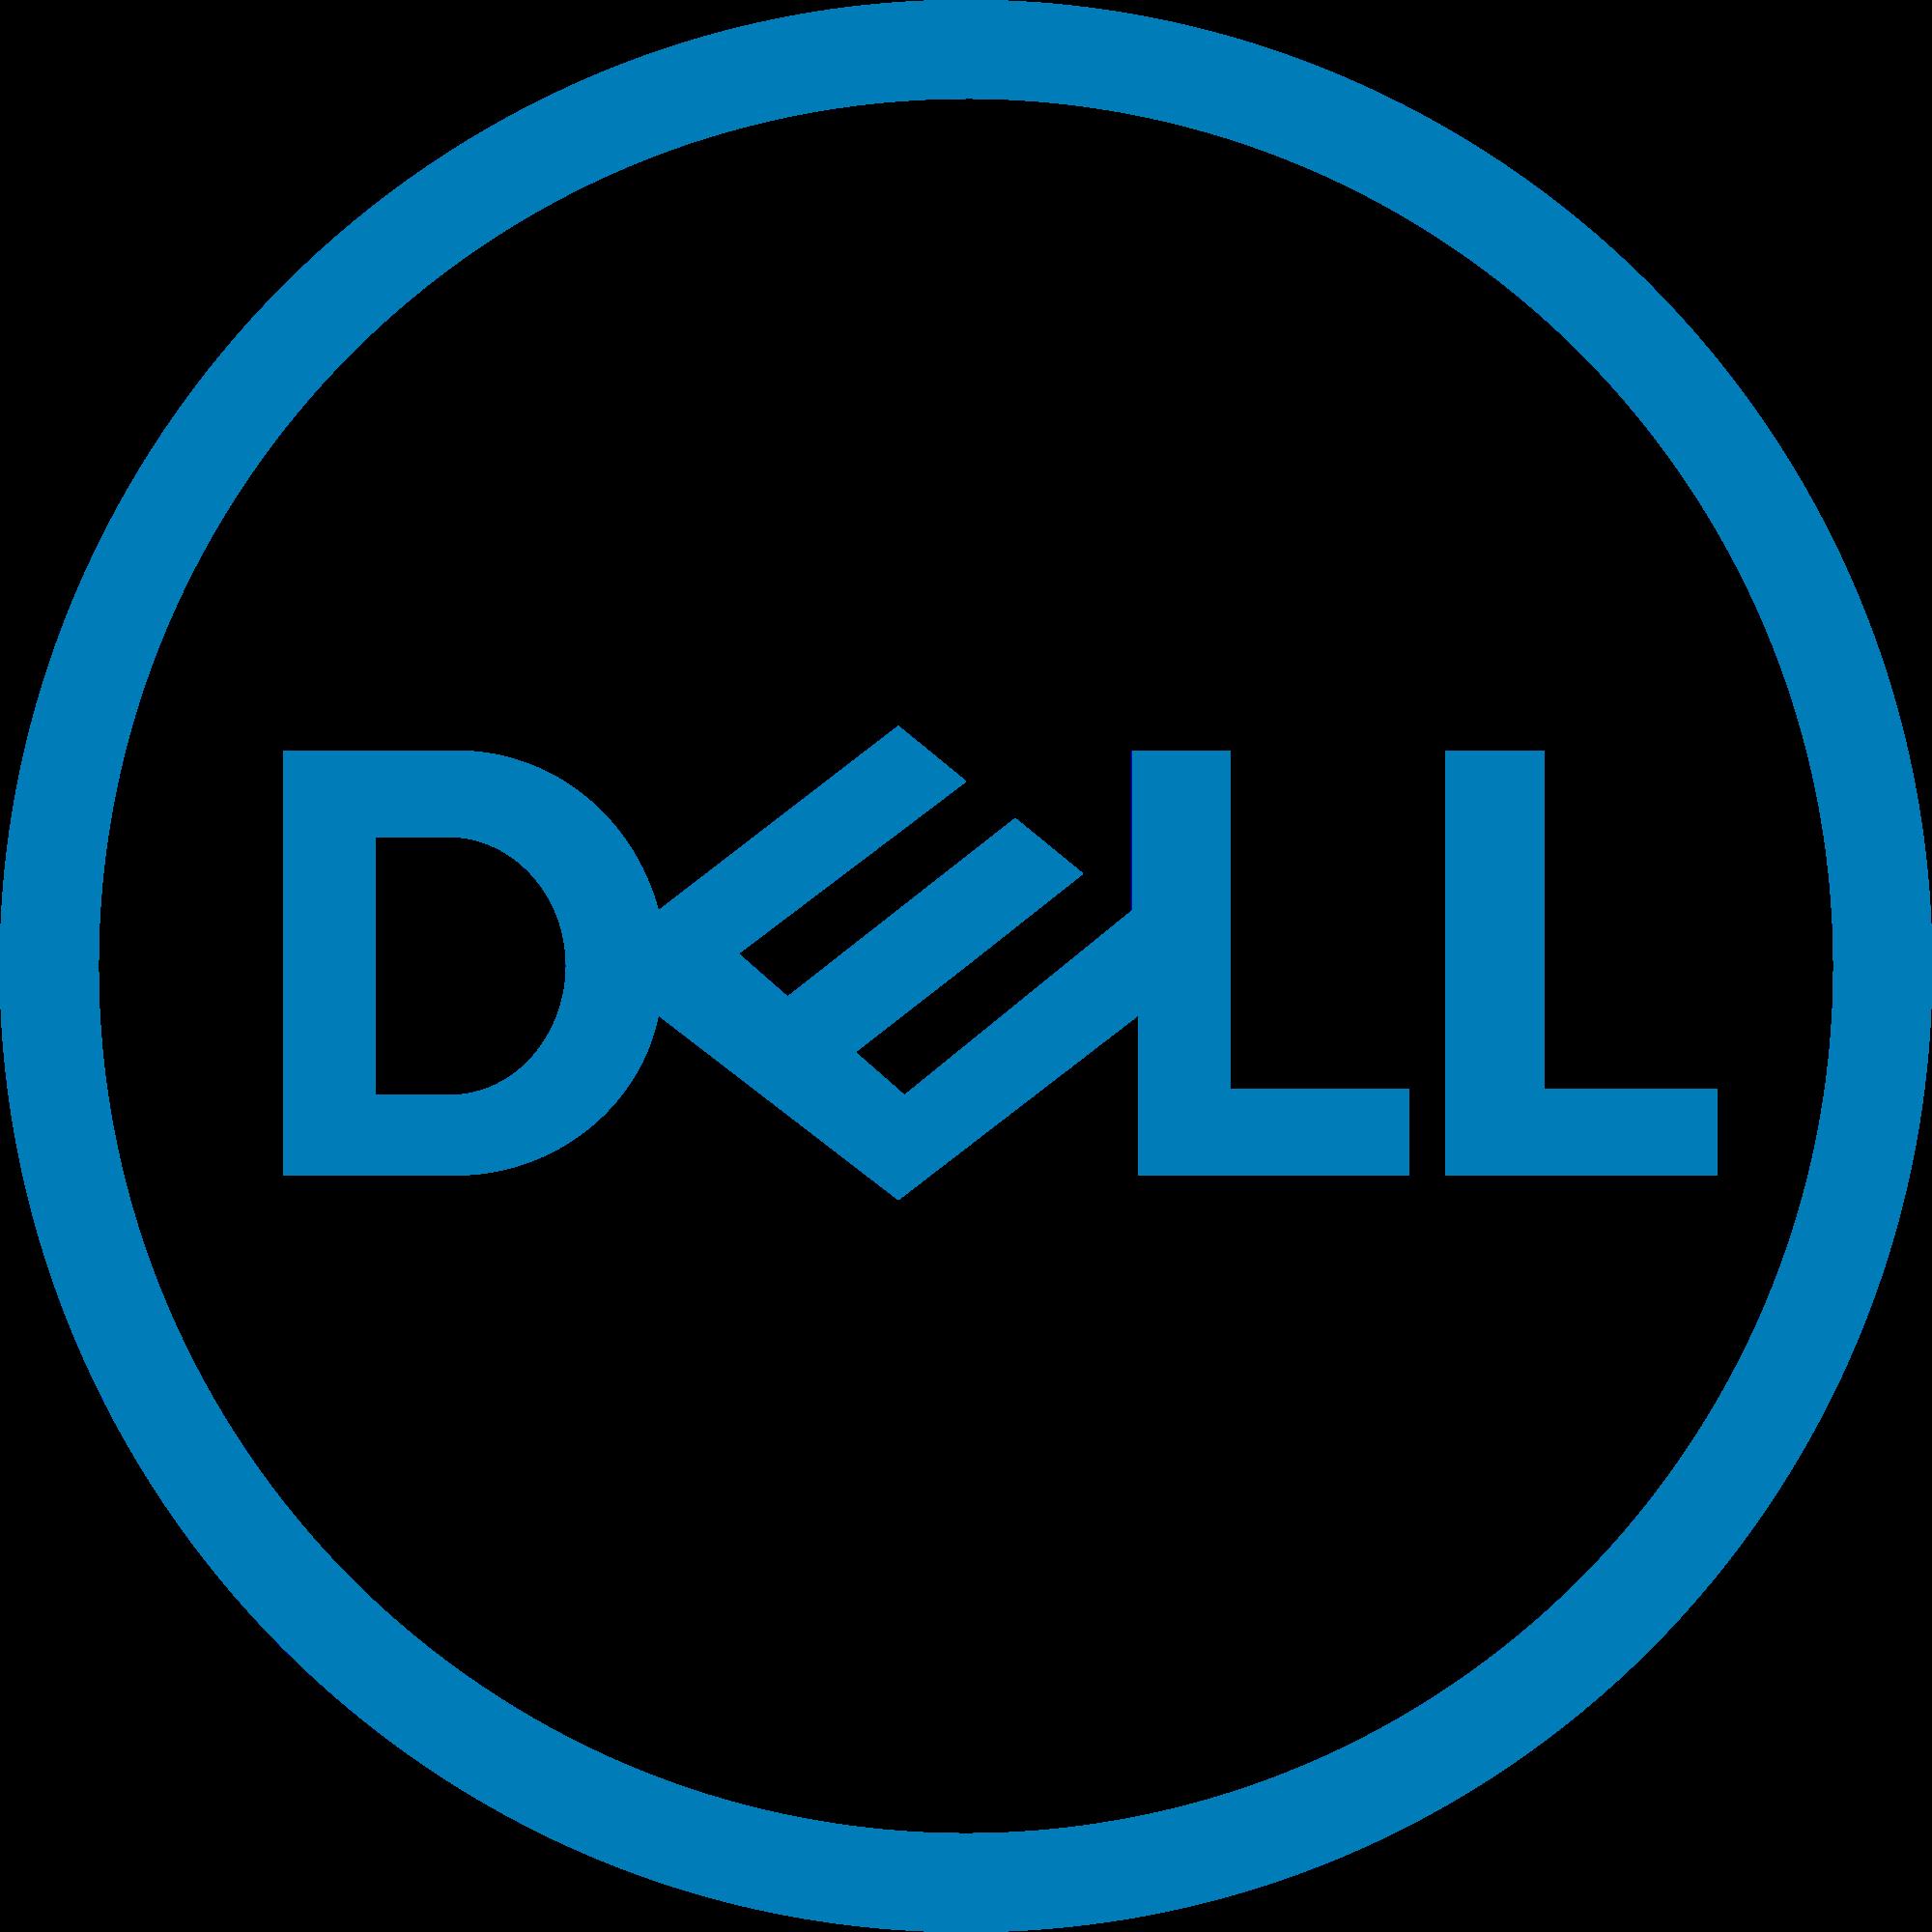 Télephone information entreprise  Dell